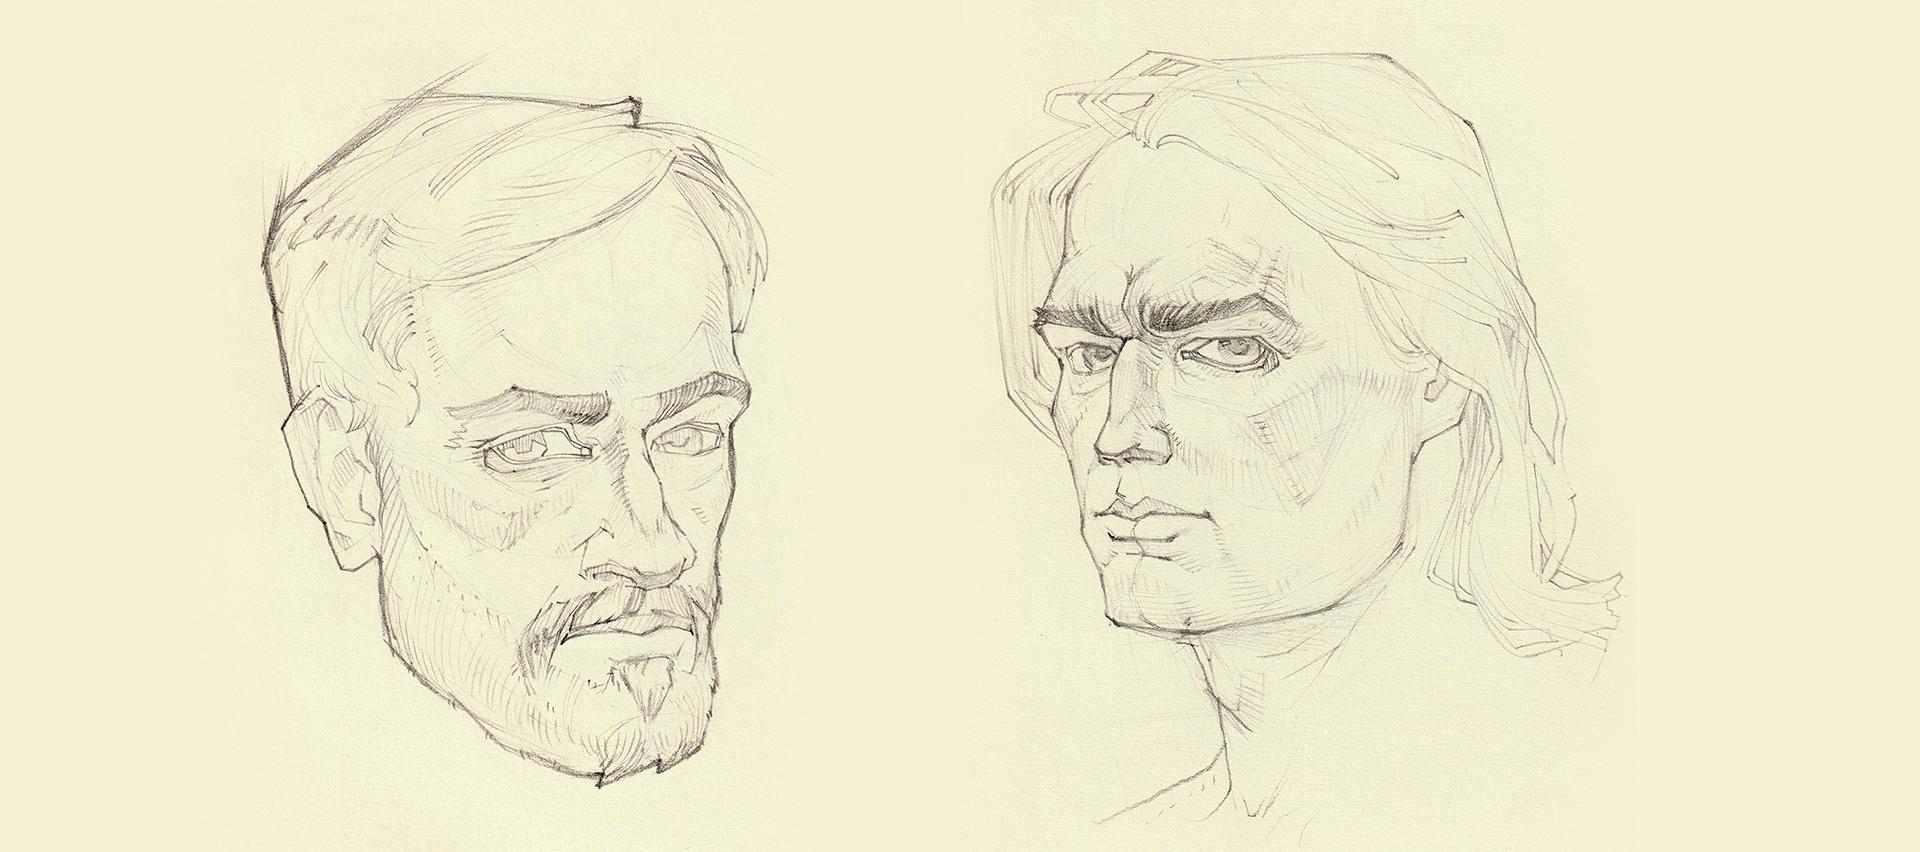 Работа куратора курса Портретный скетчинг, Антона Коростова